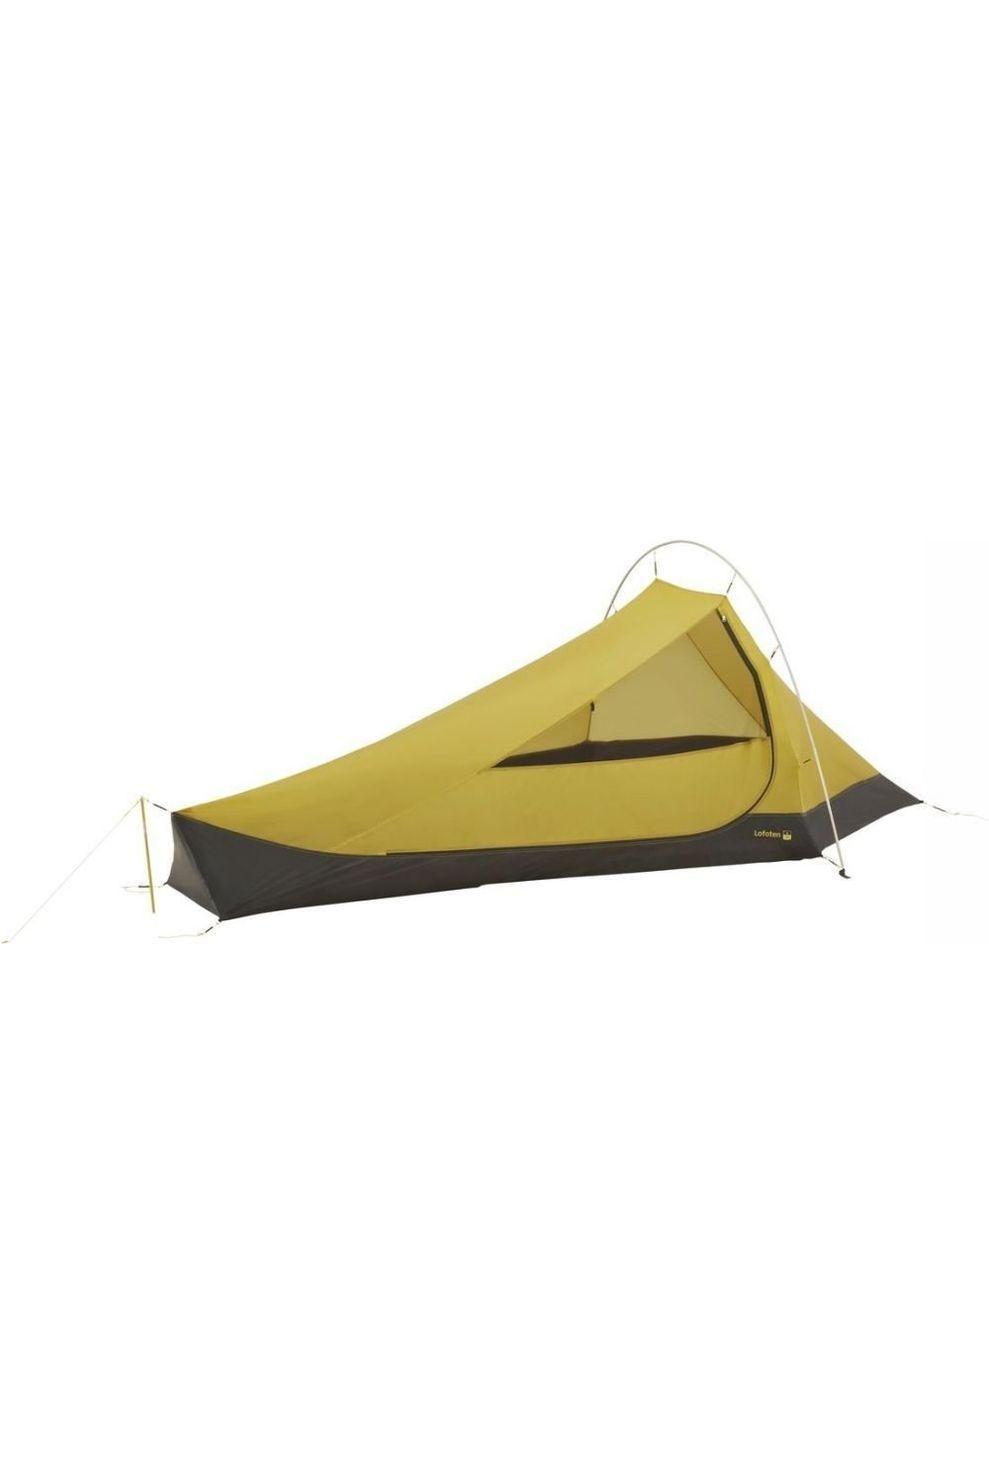 Nordisk Voortent Lofoten - 2 Person Inner Tent - Geel